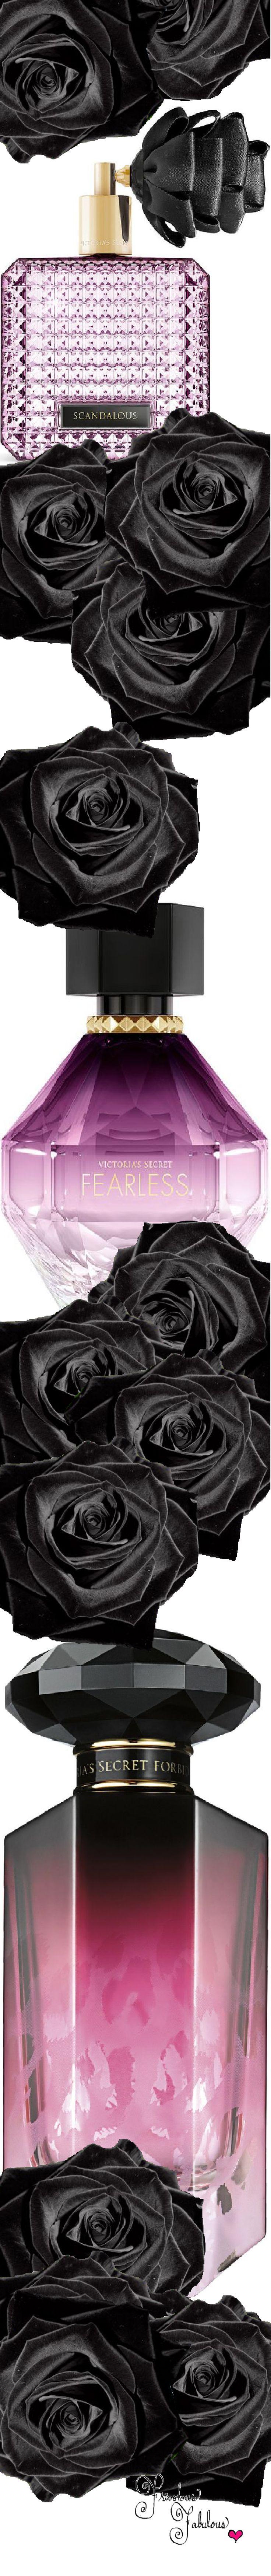 Frivolous Fabulous - Victoria's Secret